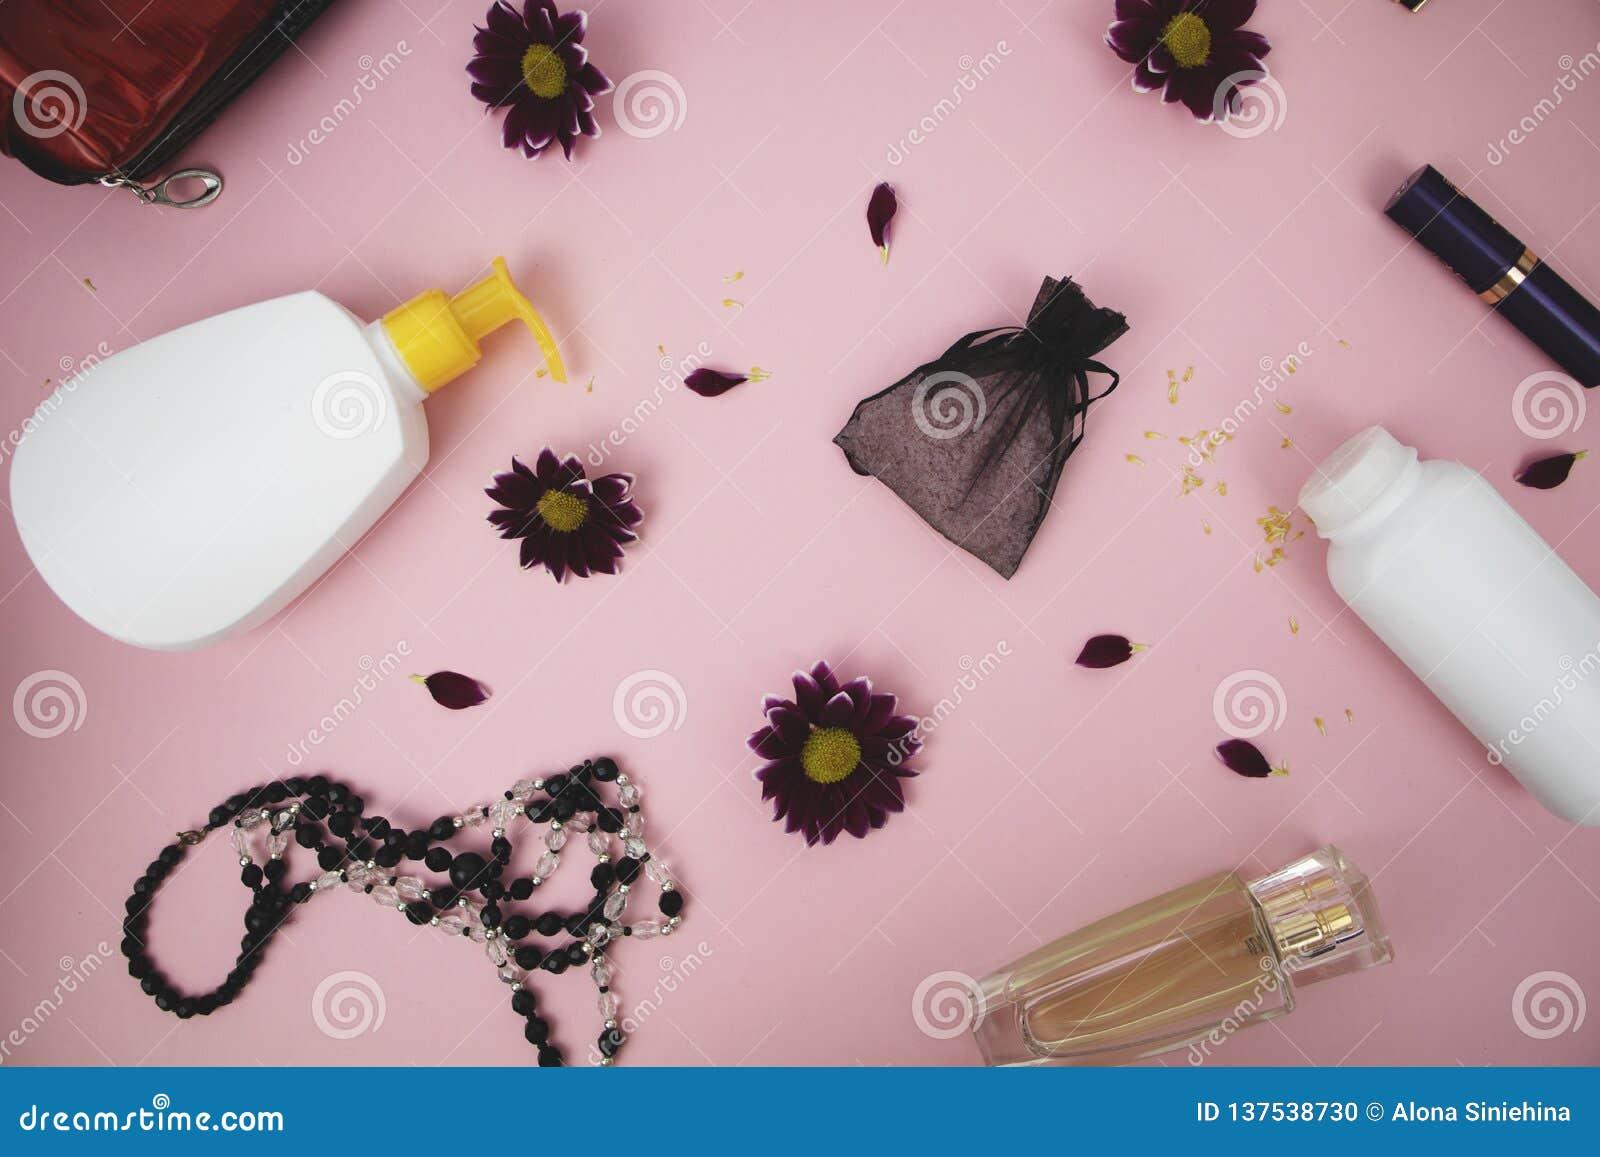 Καλλυντικά στον πίνακα στη γυναίκα Καλλυντικά τσάντα, καλλυντικό και προϊόντα υγιεινής Ρόδινο υπόβαθρο για το κείμενο